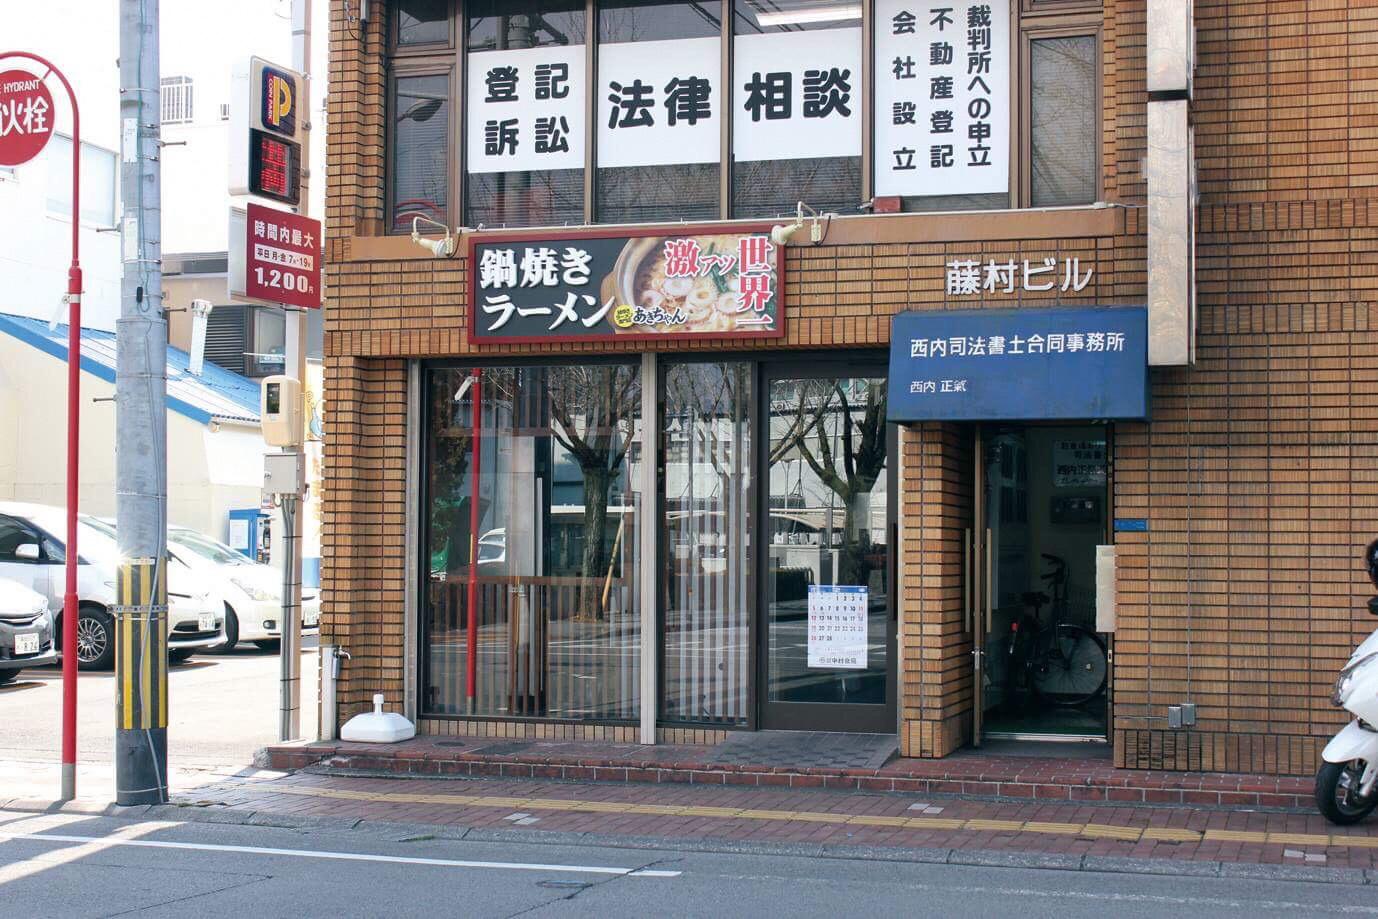 鍋焼きラーメン専門店 あきちゃん